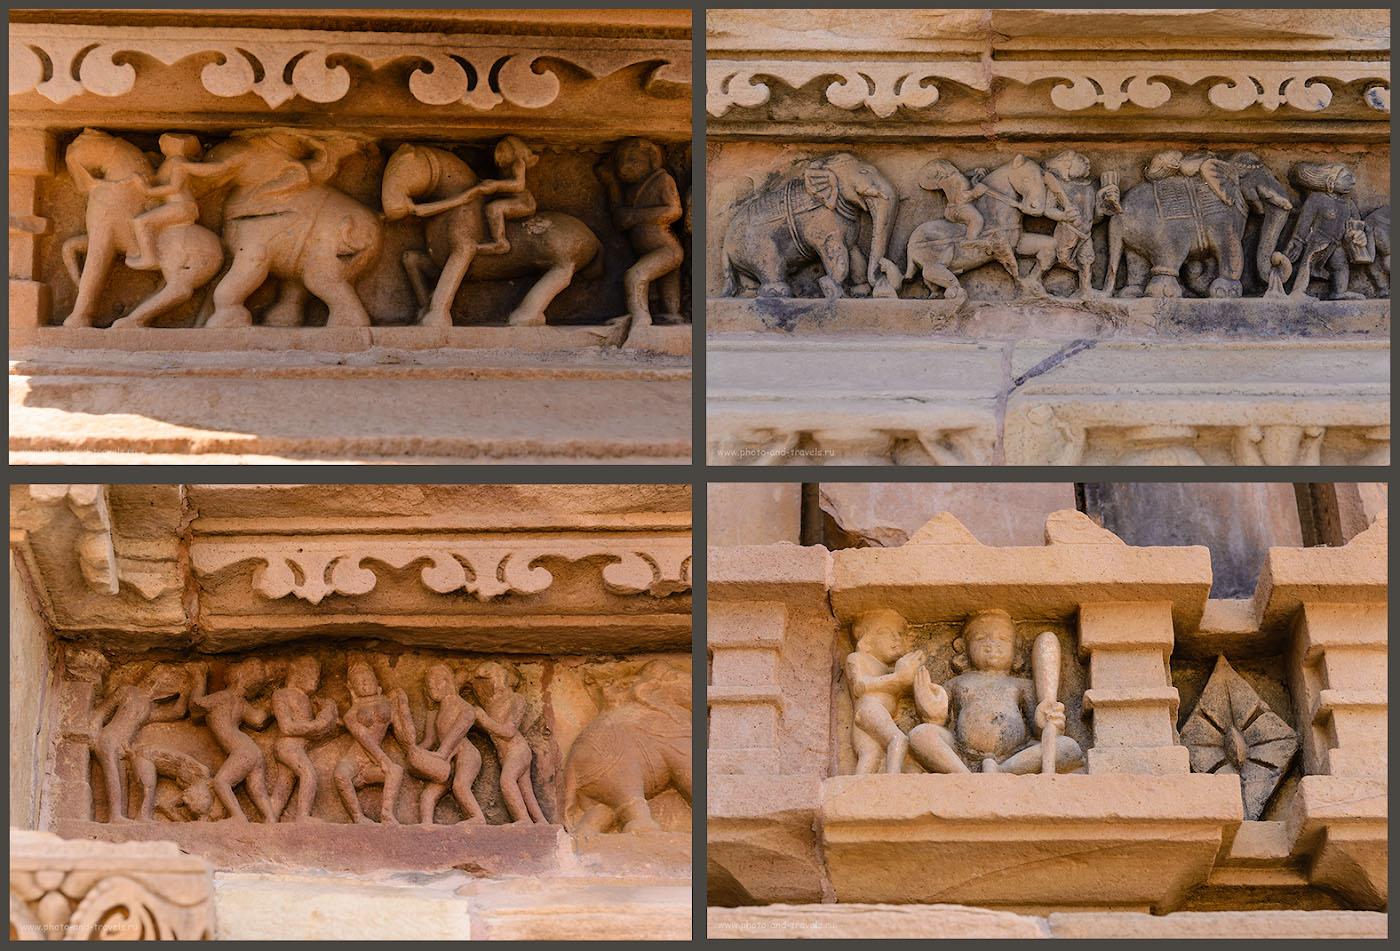 Фотография 6. Изразцы на стенах храмов в Кхаджурахо. Отзывы о самостоятельном отдыхе в Индии.